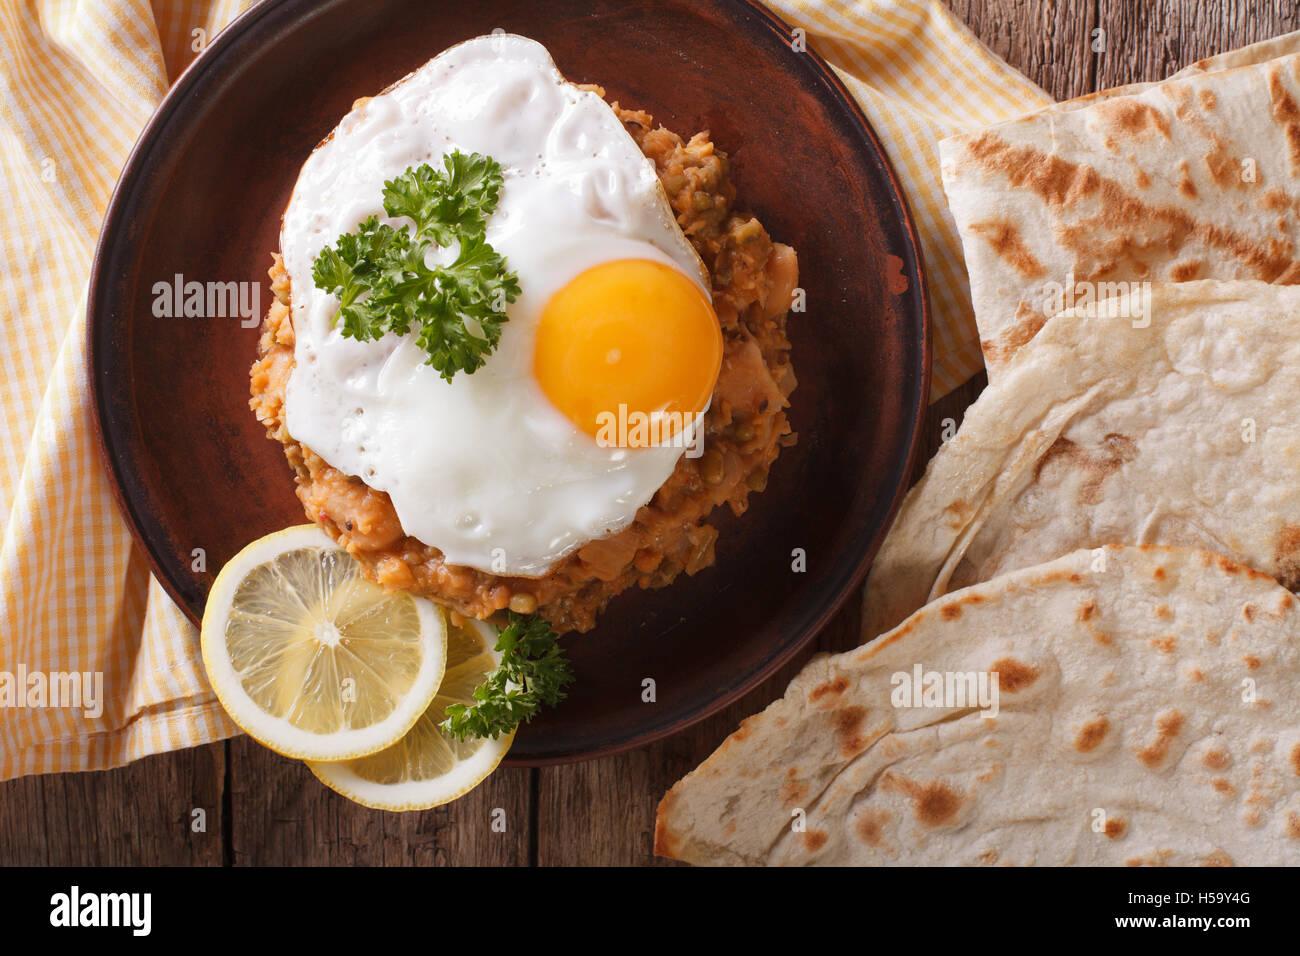 Ful medames con huevo frito y pan de cerca en la tabla. Vista desde arriba de la horizontal Imagen De Stock